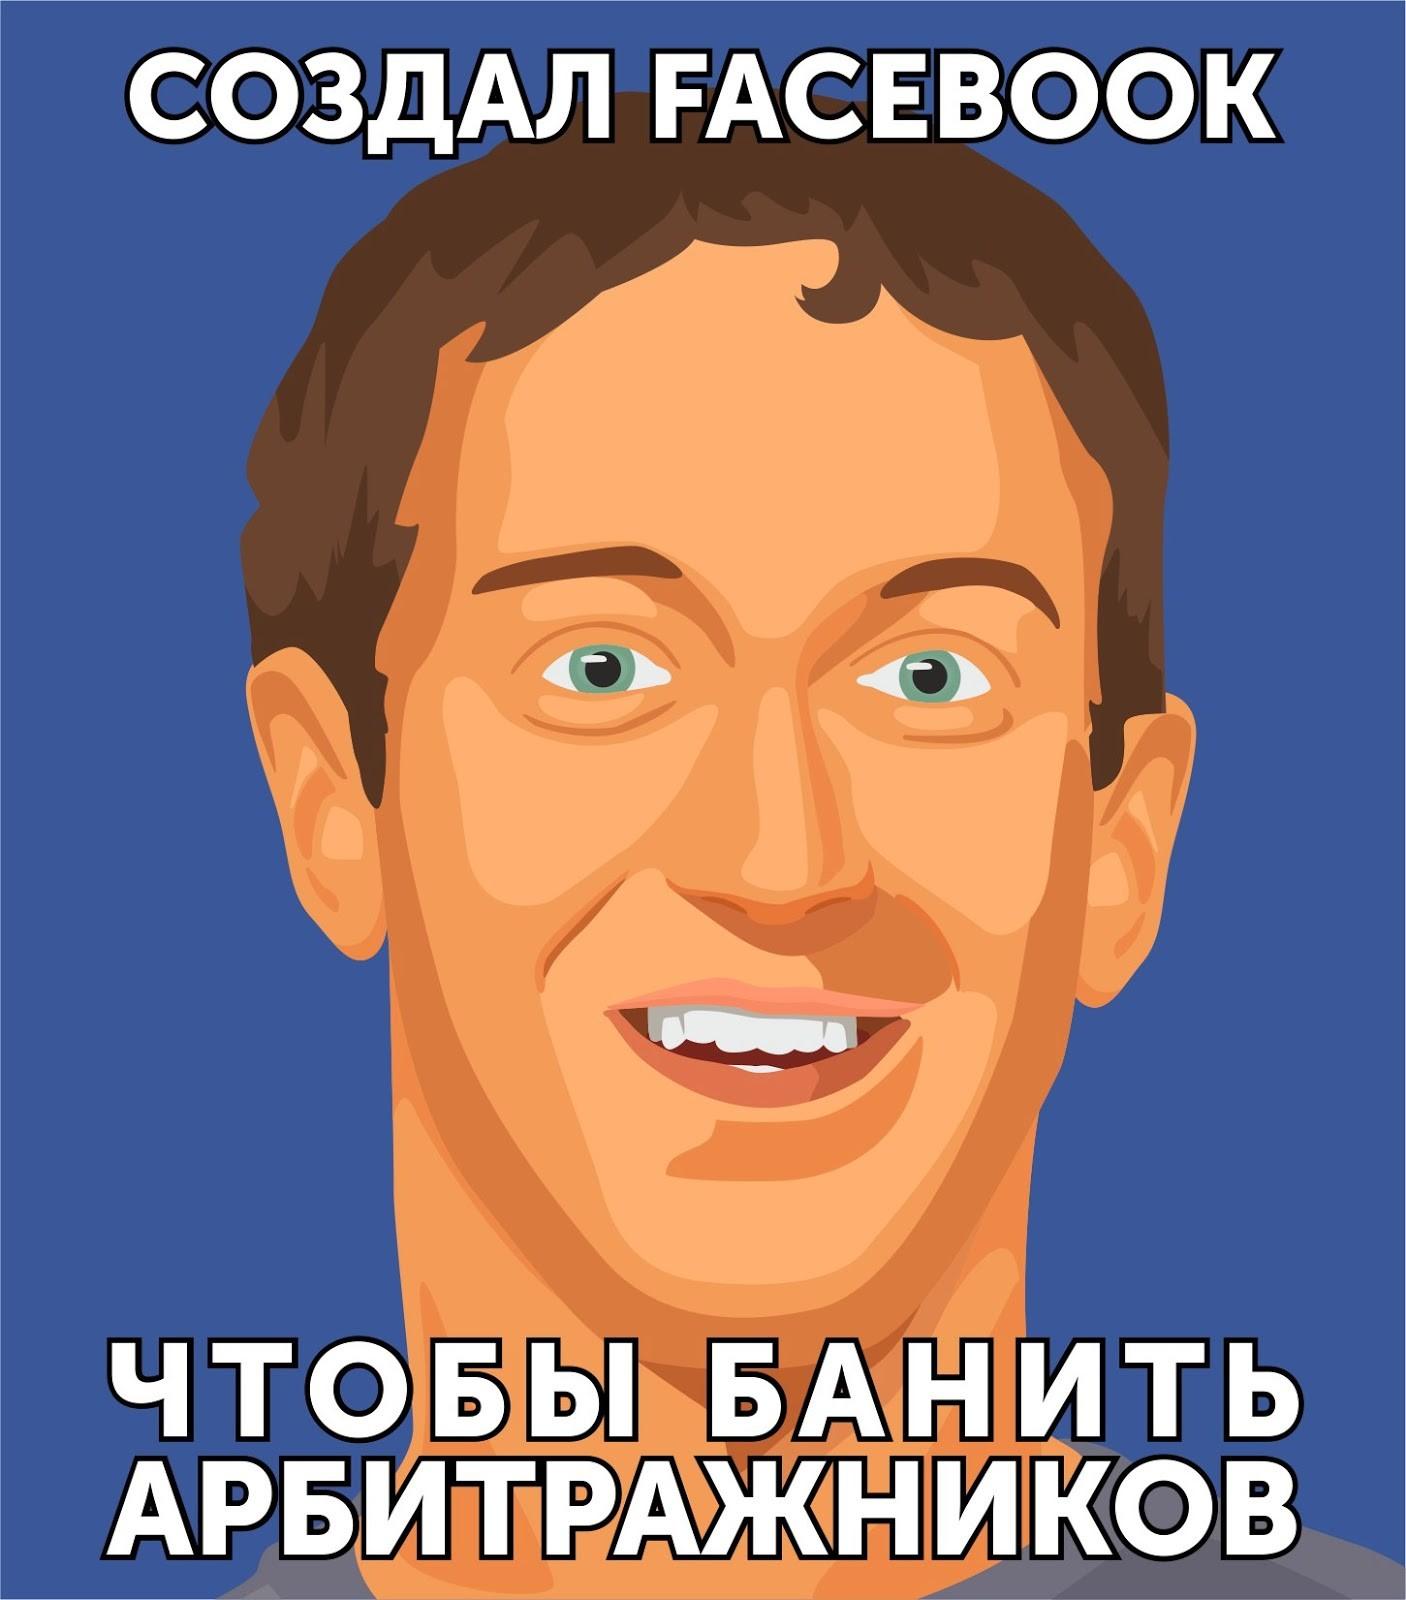 Как избежать блокировки в Facebook